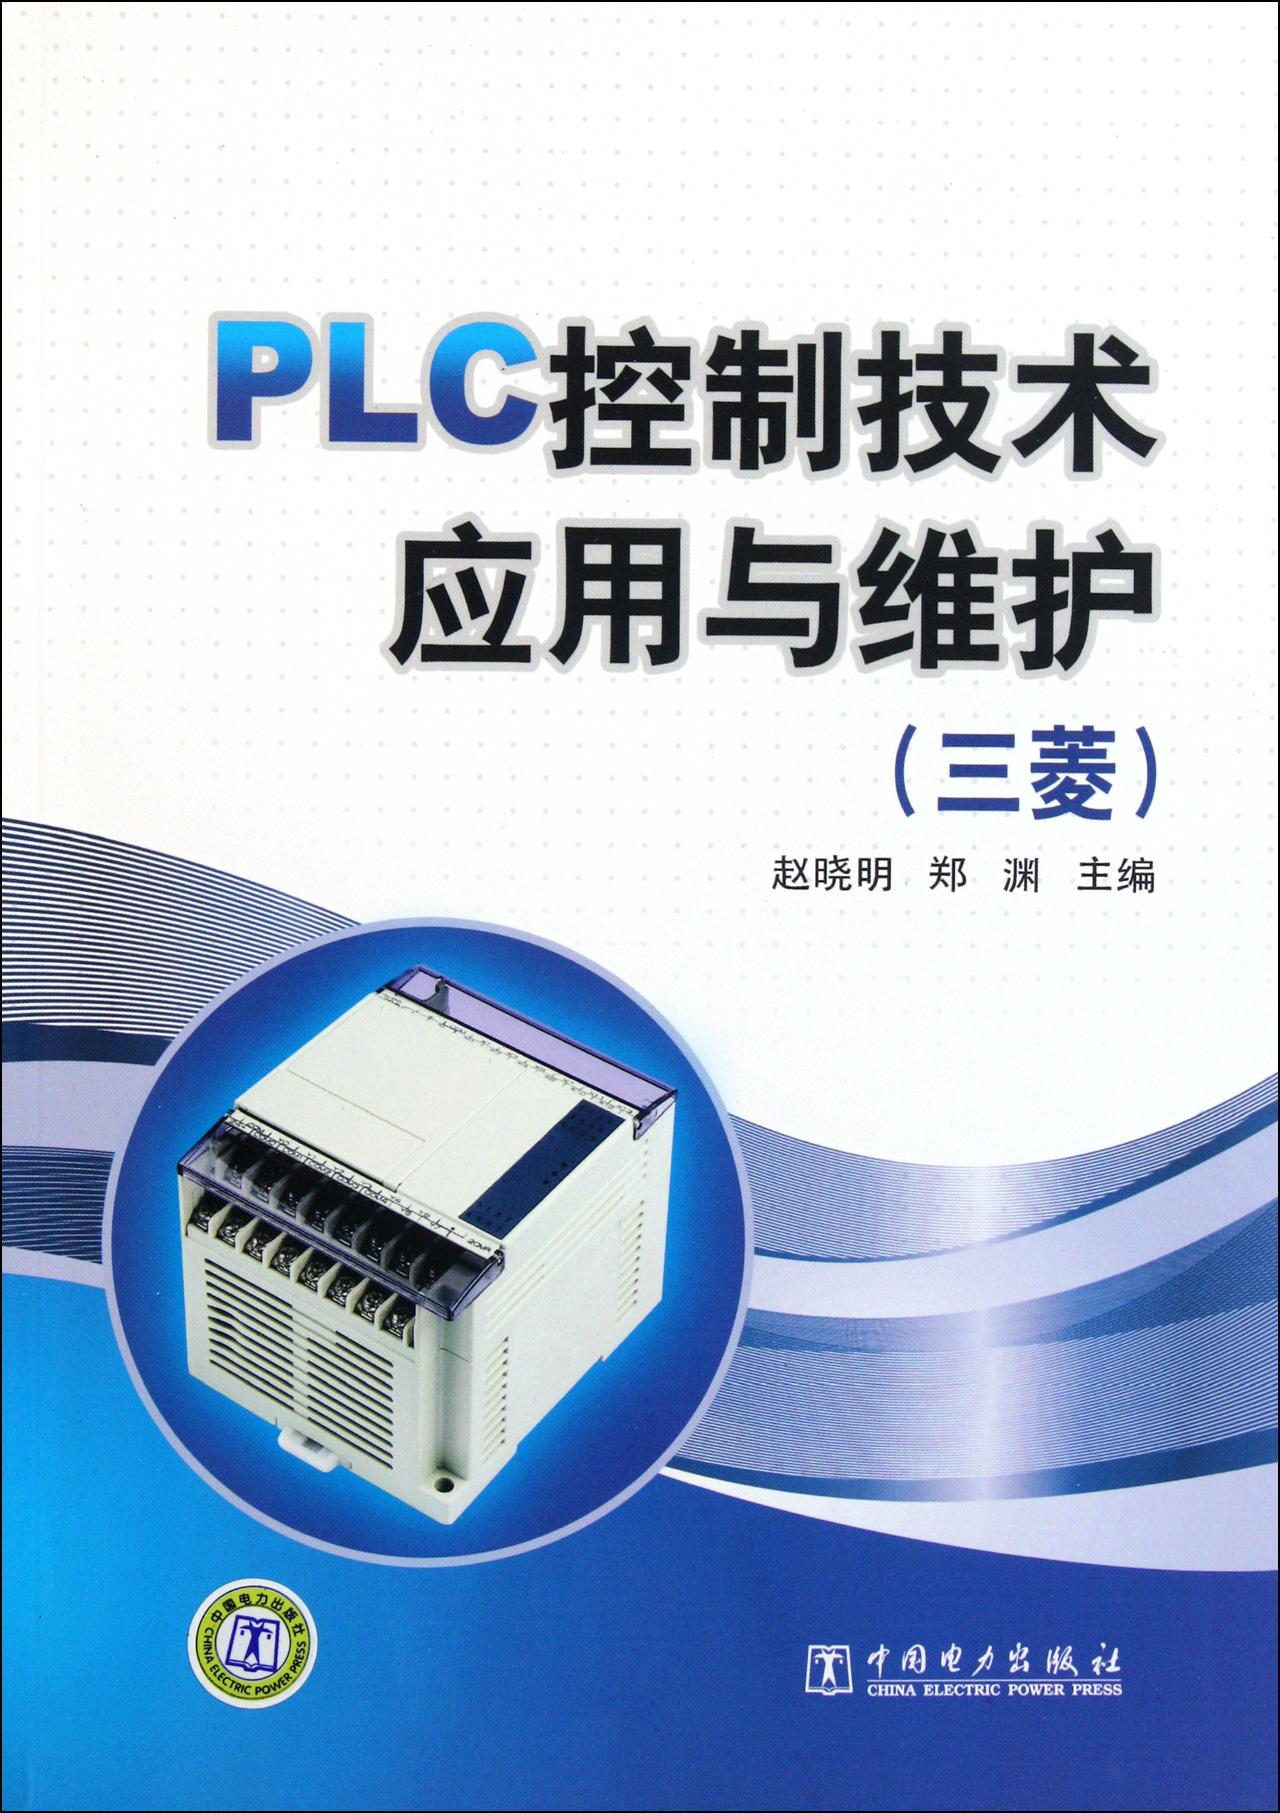 plc控制技术应用与维护三菱